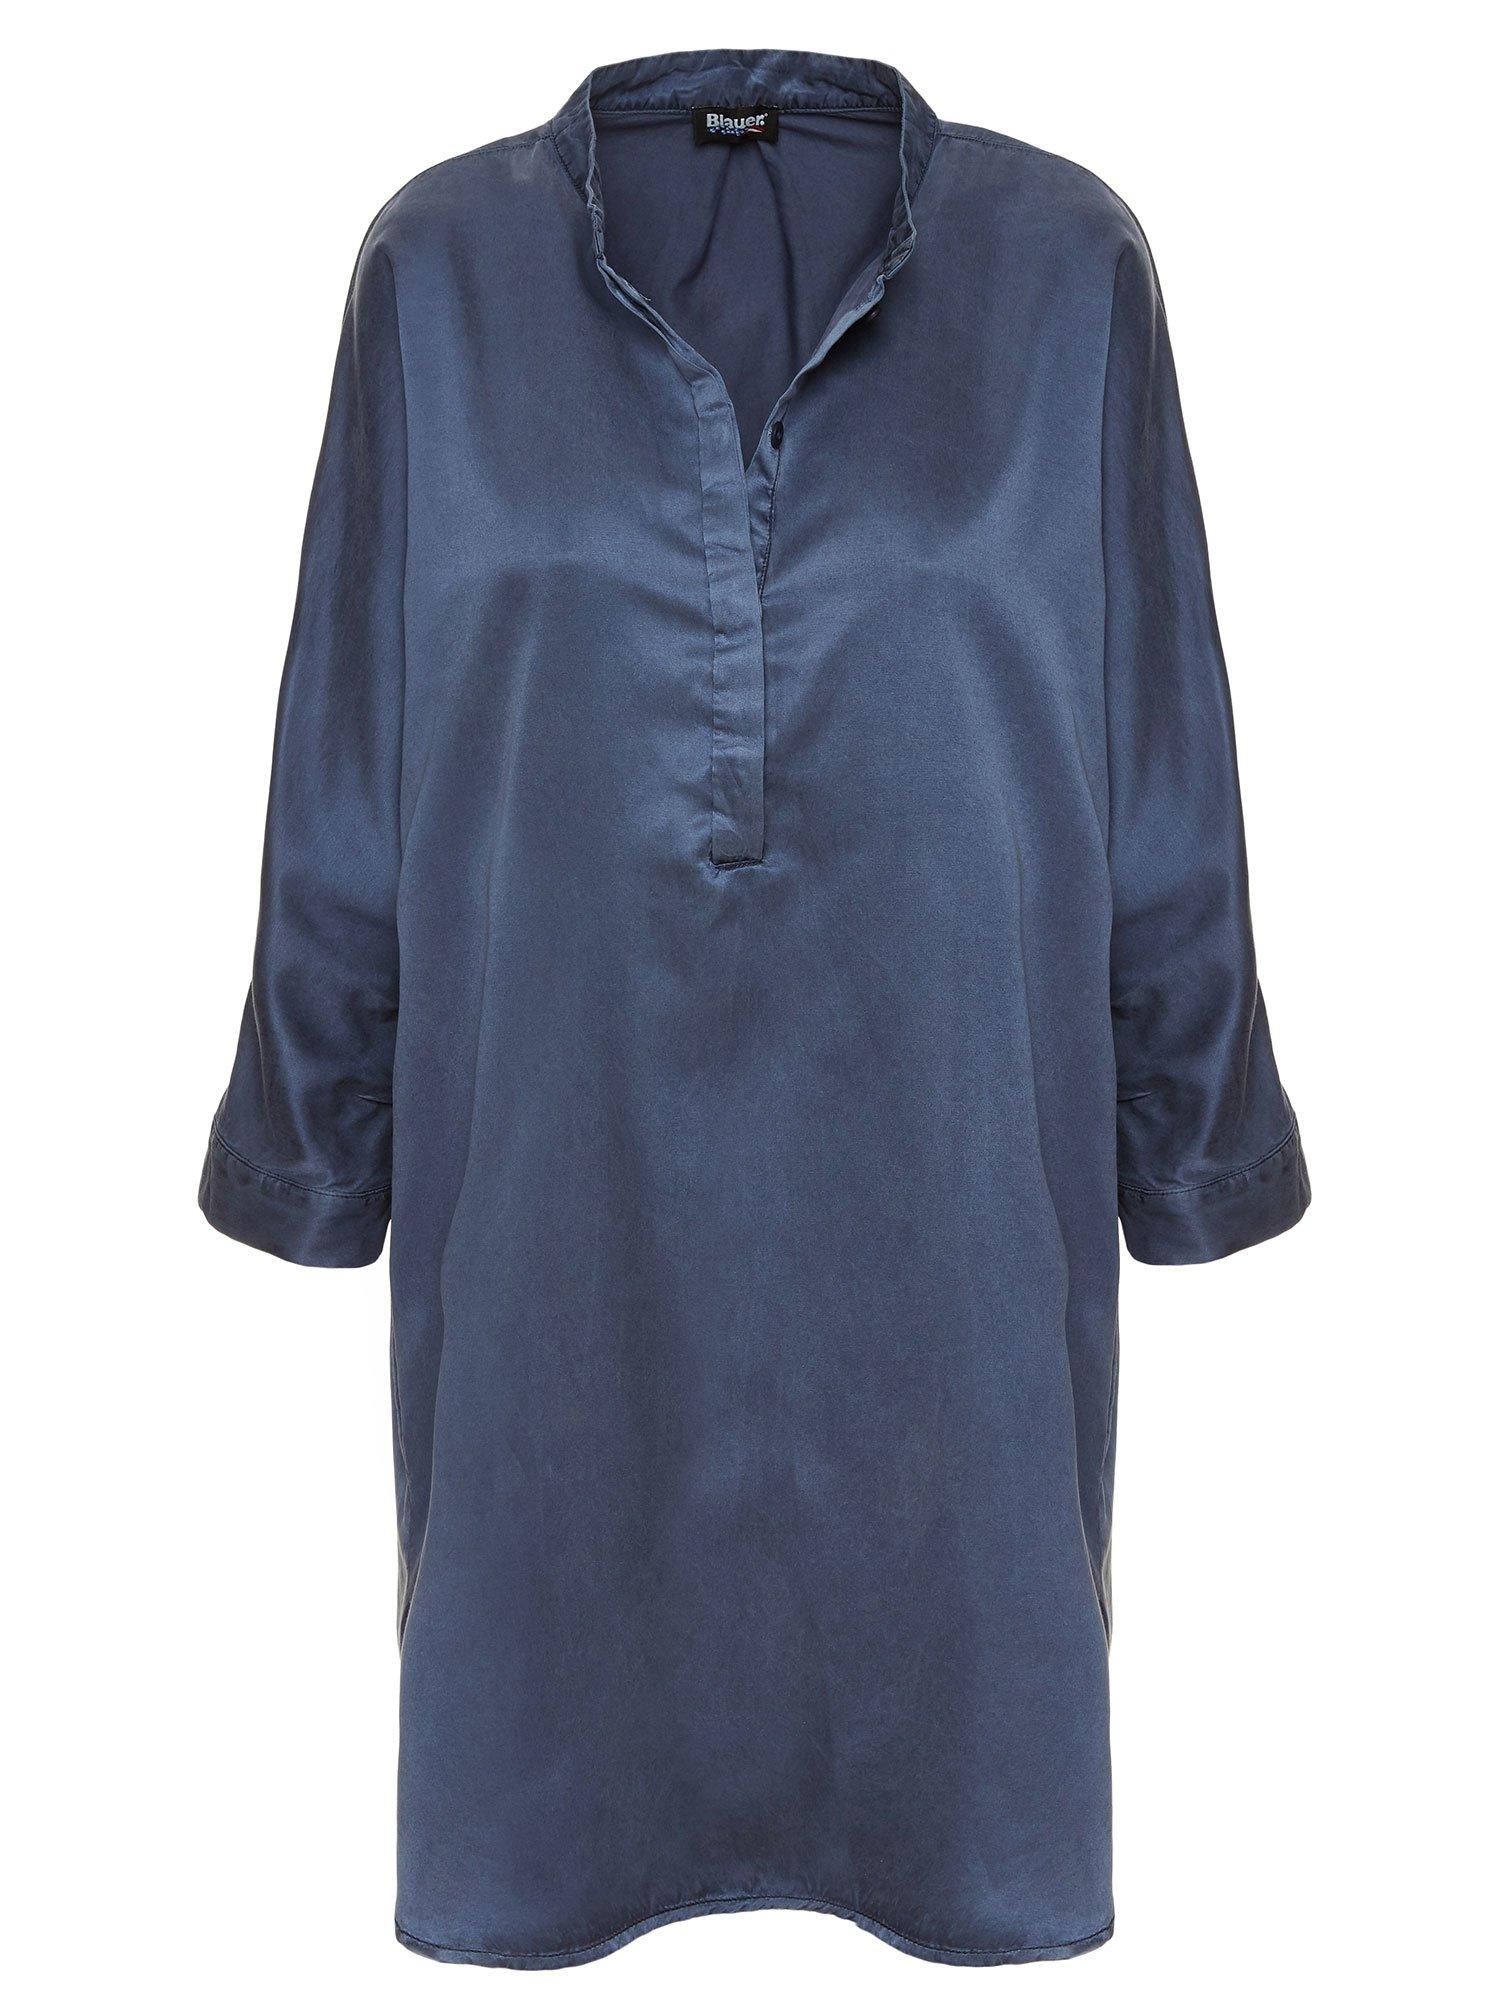 Blauer - COTTON AND SILK DRESS - Blue Egeo Sea - Blauer